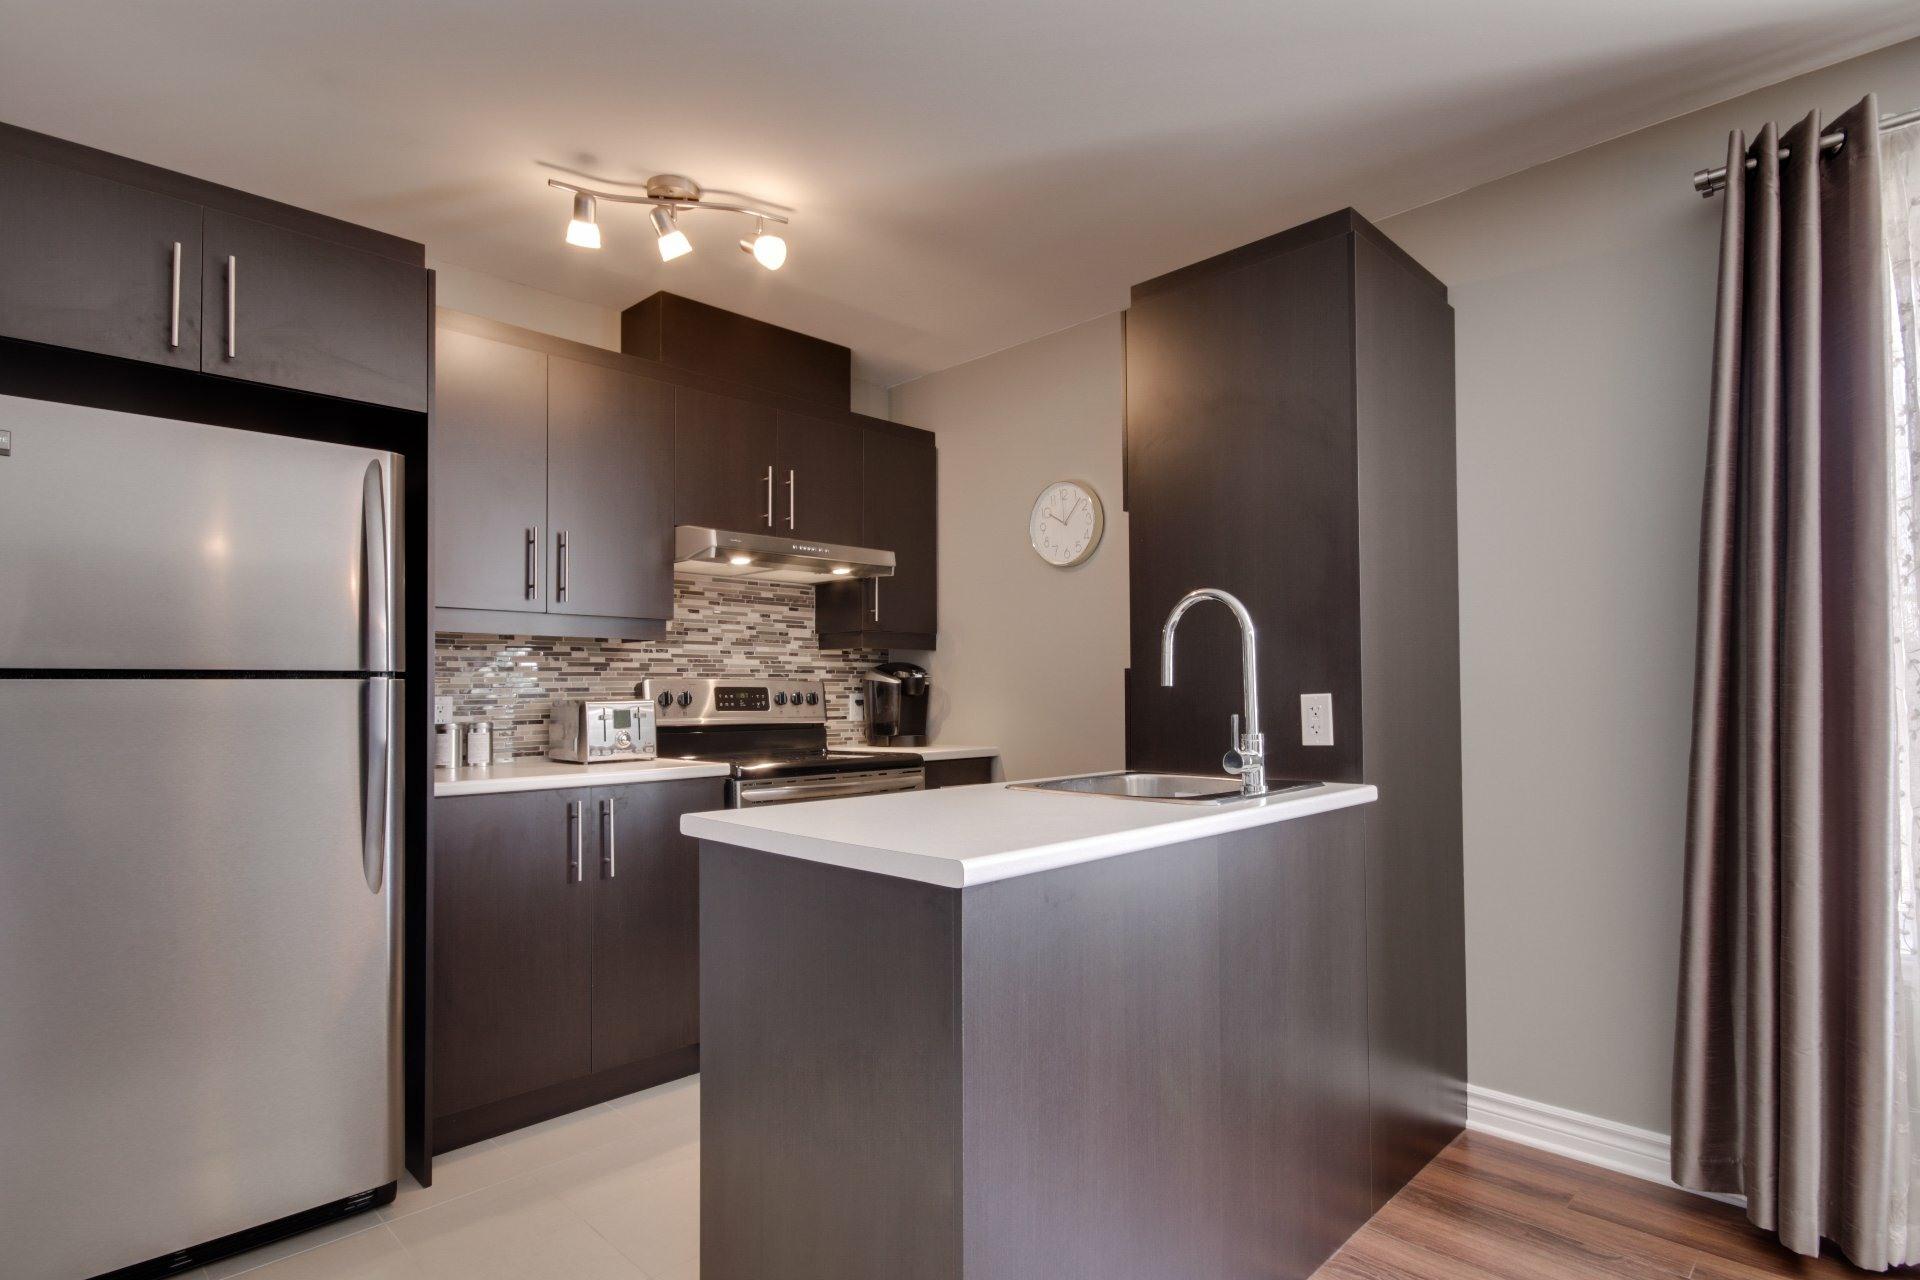 image 13 - Apartment For sale Trois-Rivières - 6 rooms